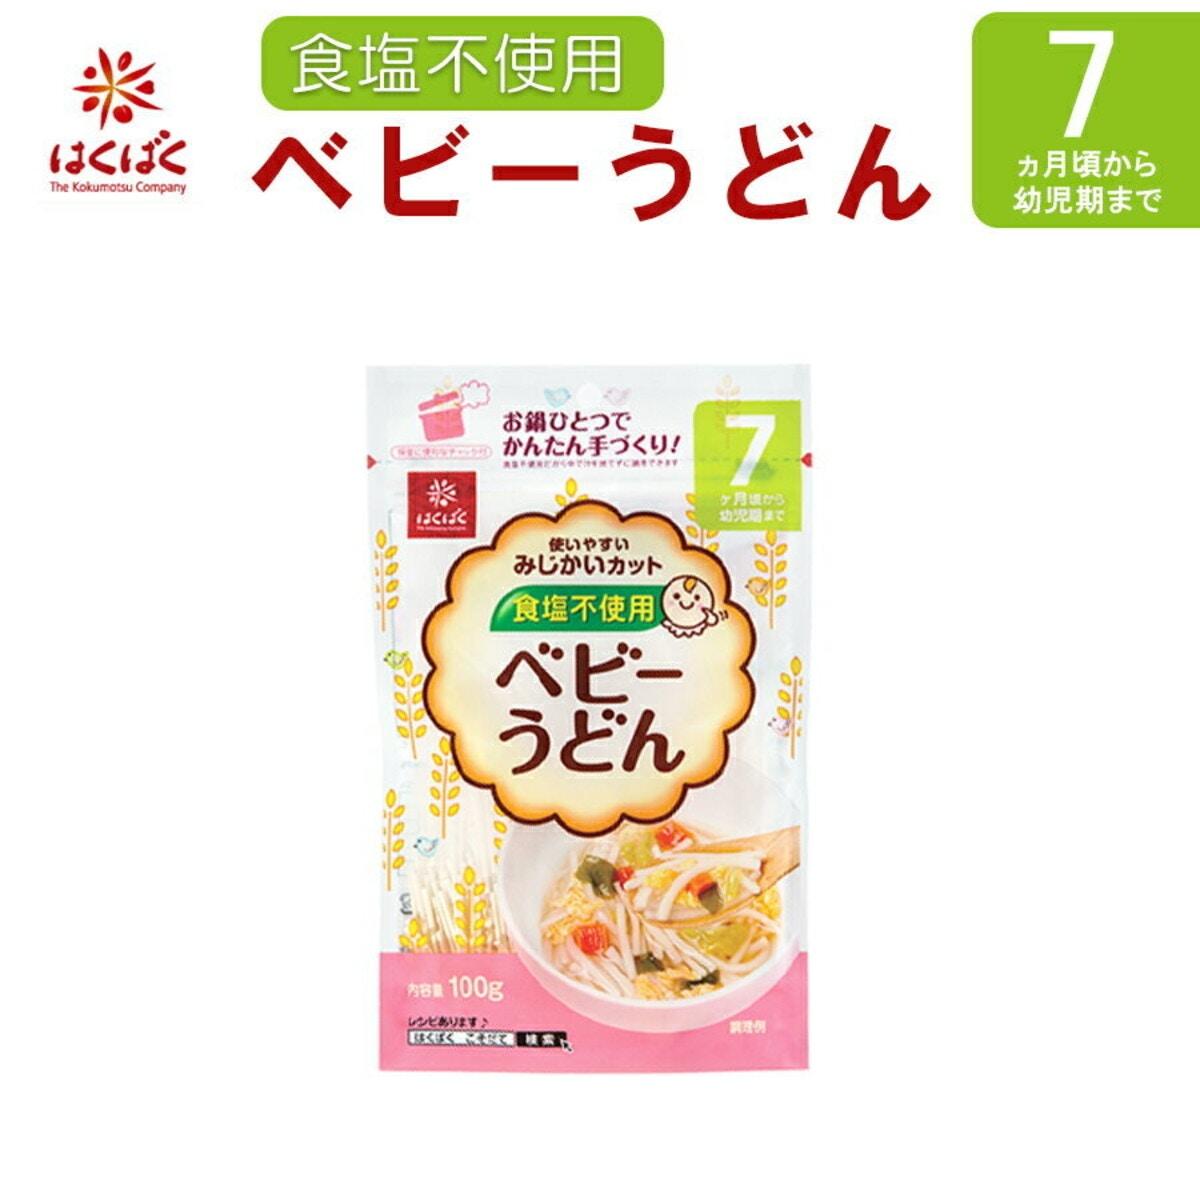 はくばく ベビーうどん 100g 食塩不使用 乳児用規格適用食品